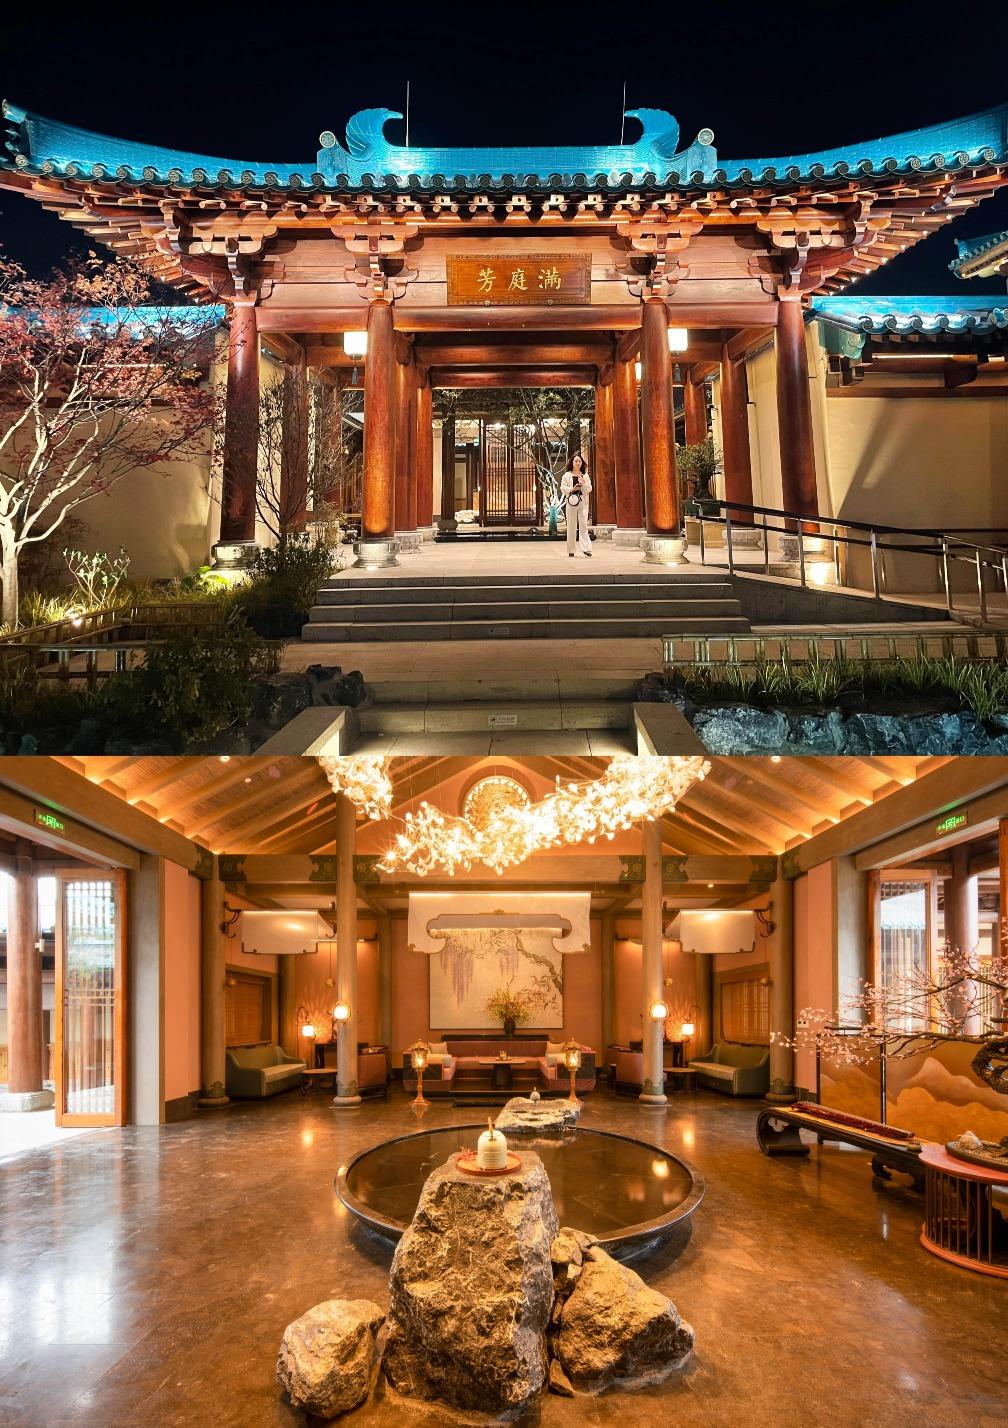 當代中國-中國旅遊-南京旅遊-南京-南京金陵小鎮-05